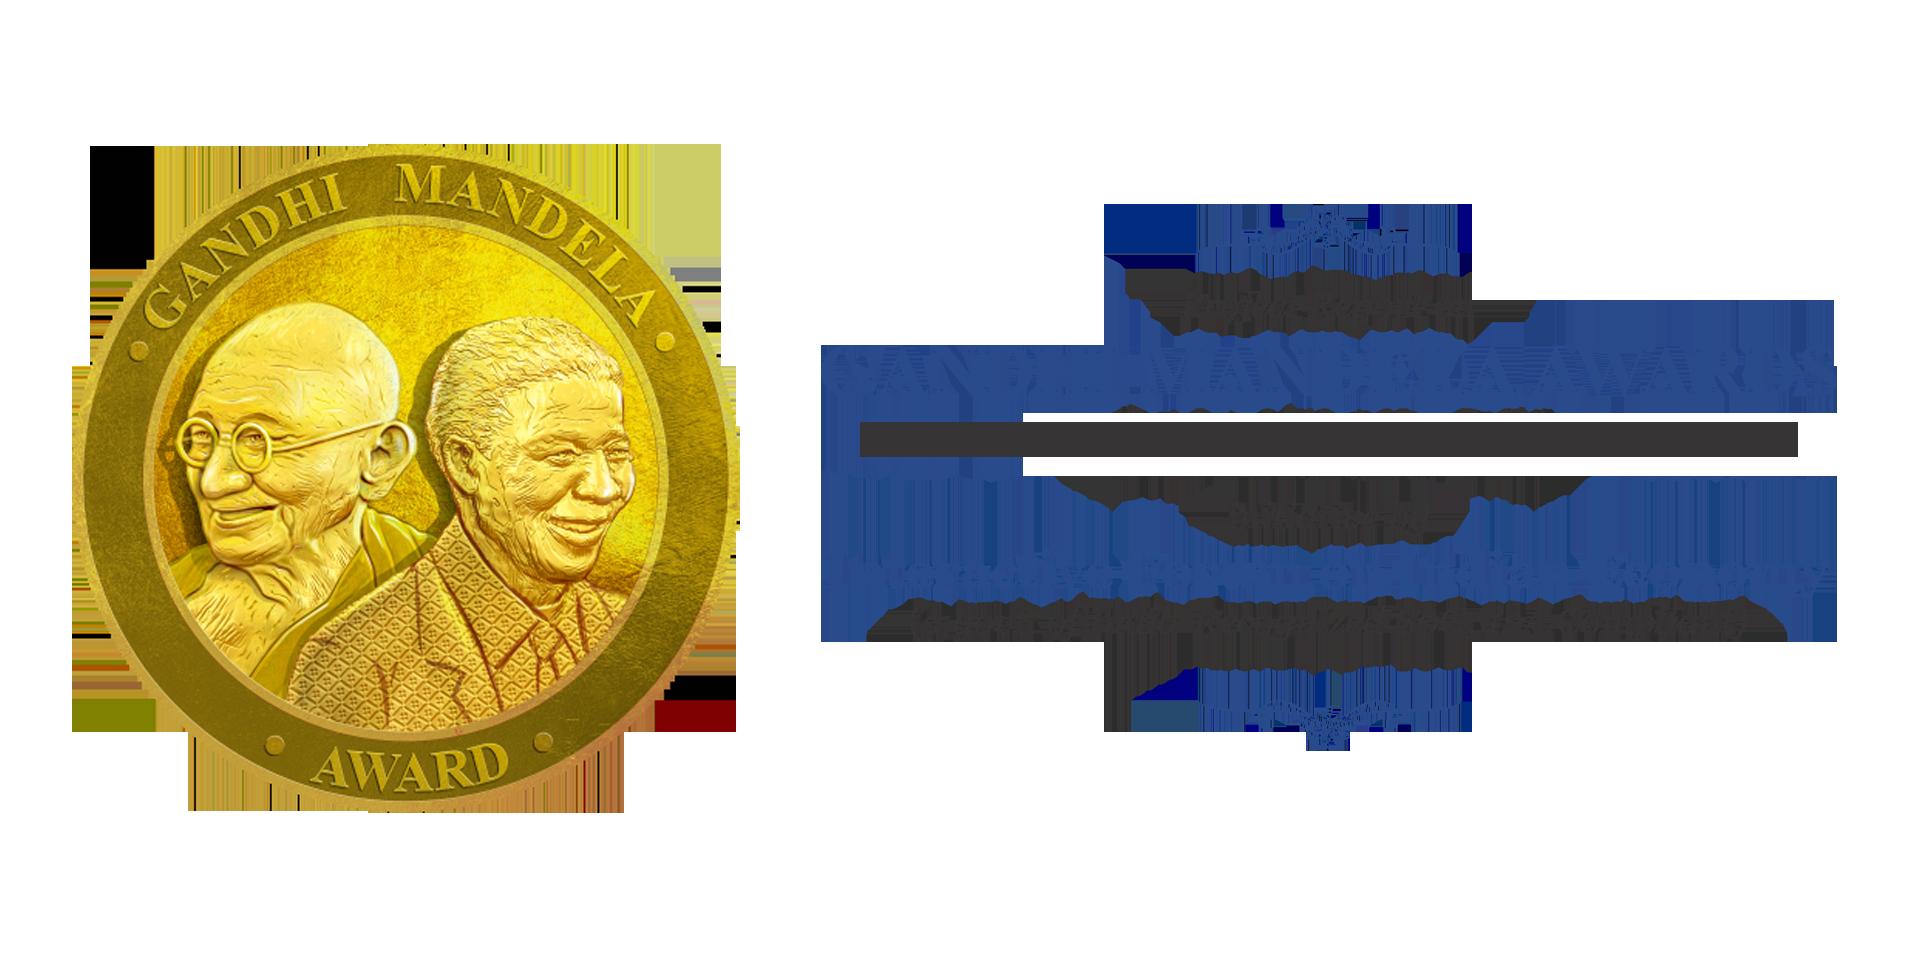 Gandhi Mandele Award for Excellence